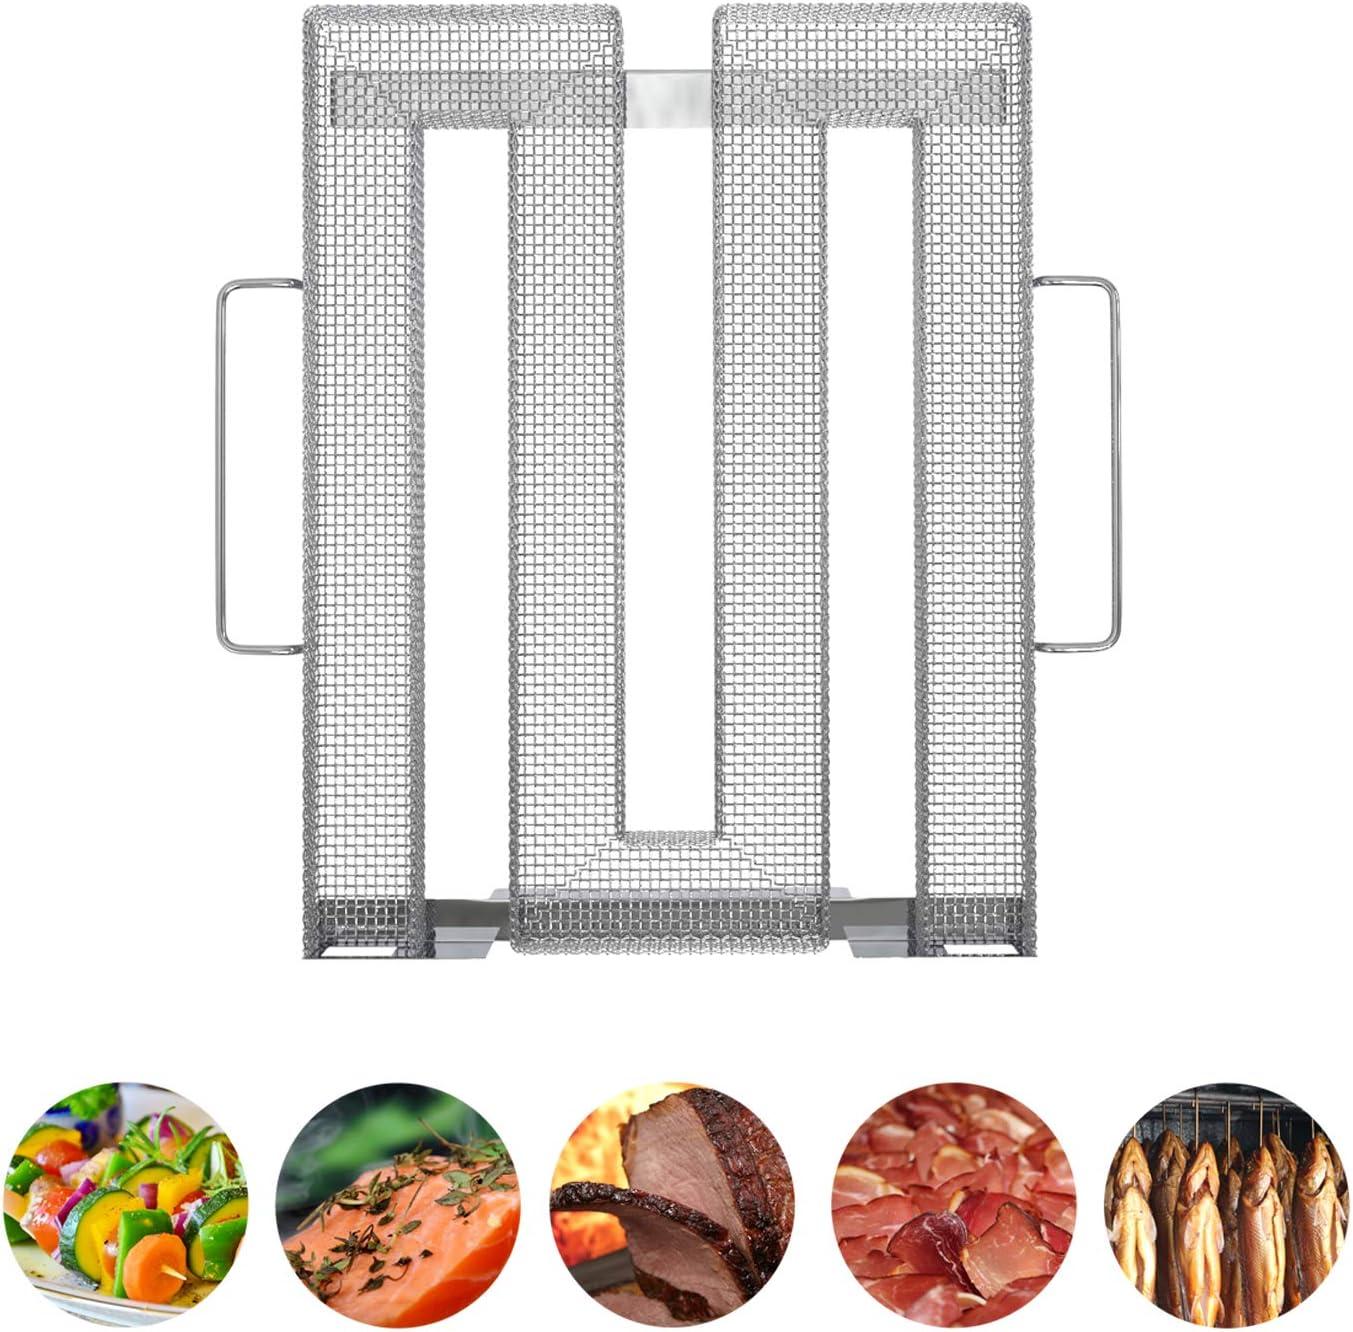 Neco+ Generador de Humo frío, Acero Inoxidable, para Carne, Pescado y Verduras en la Parrilla, ahumador o ahumador, Aroma Fino a Humo por Olor frío